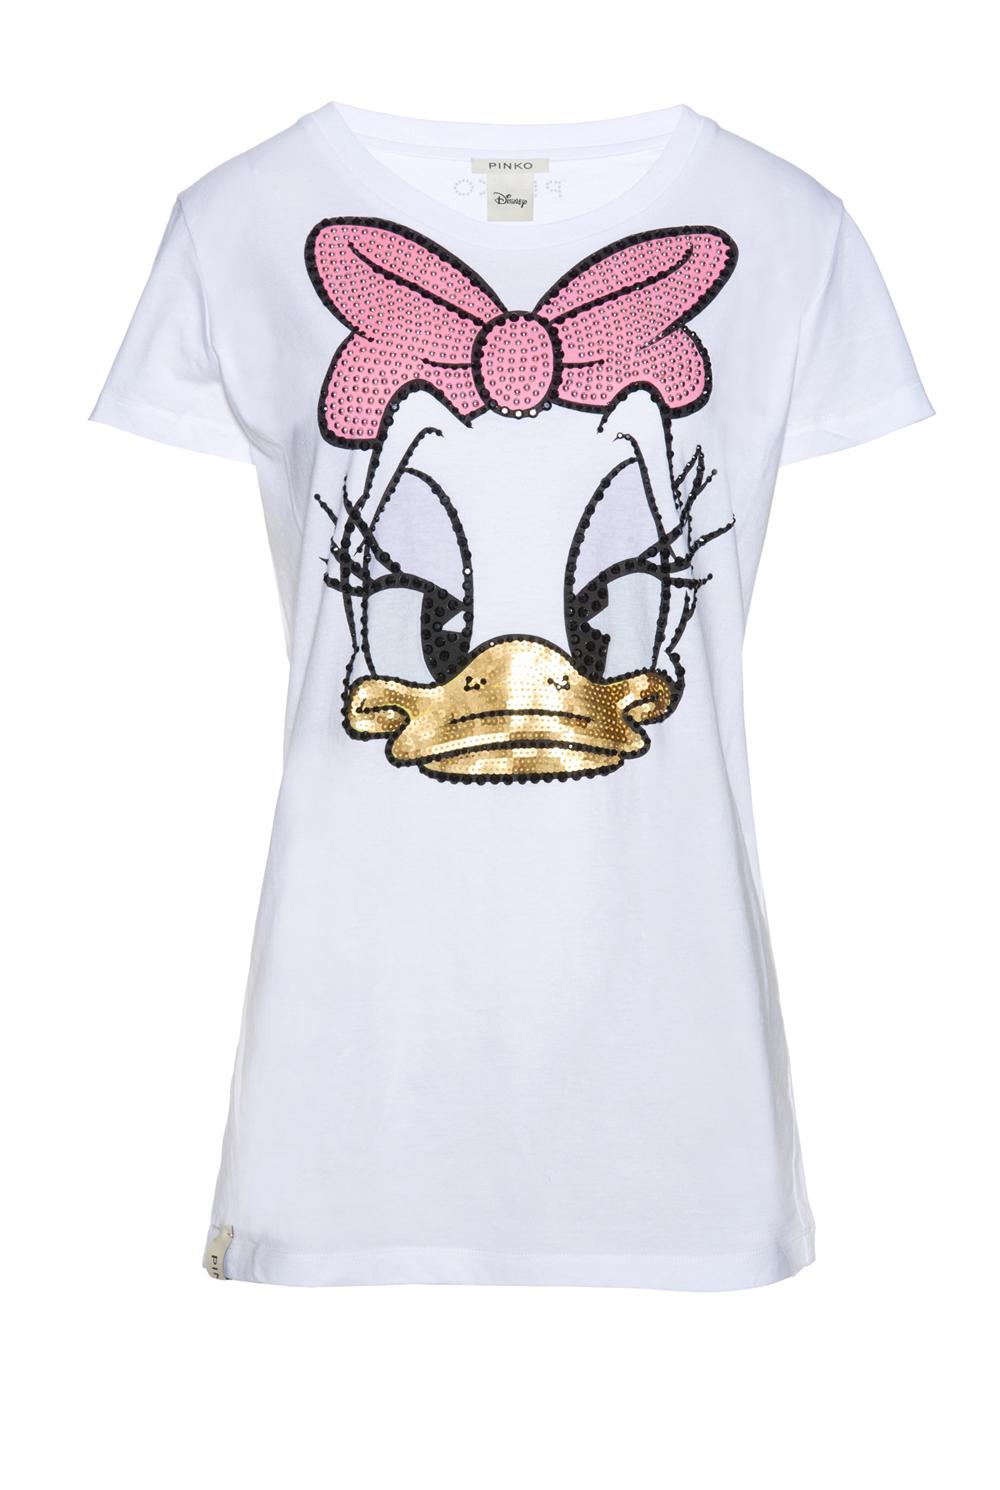 Nuova Collezione di felpe e t-shirt Pinko e Fix Design per Disney ... d4e1f45439e